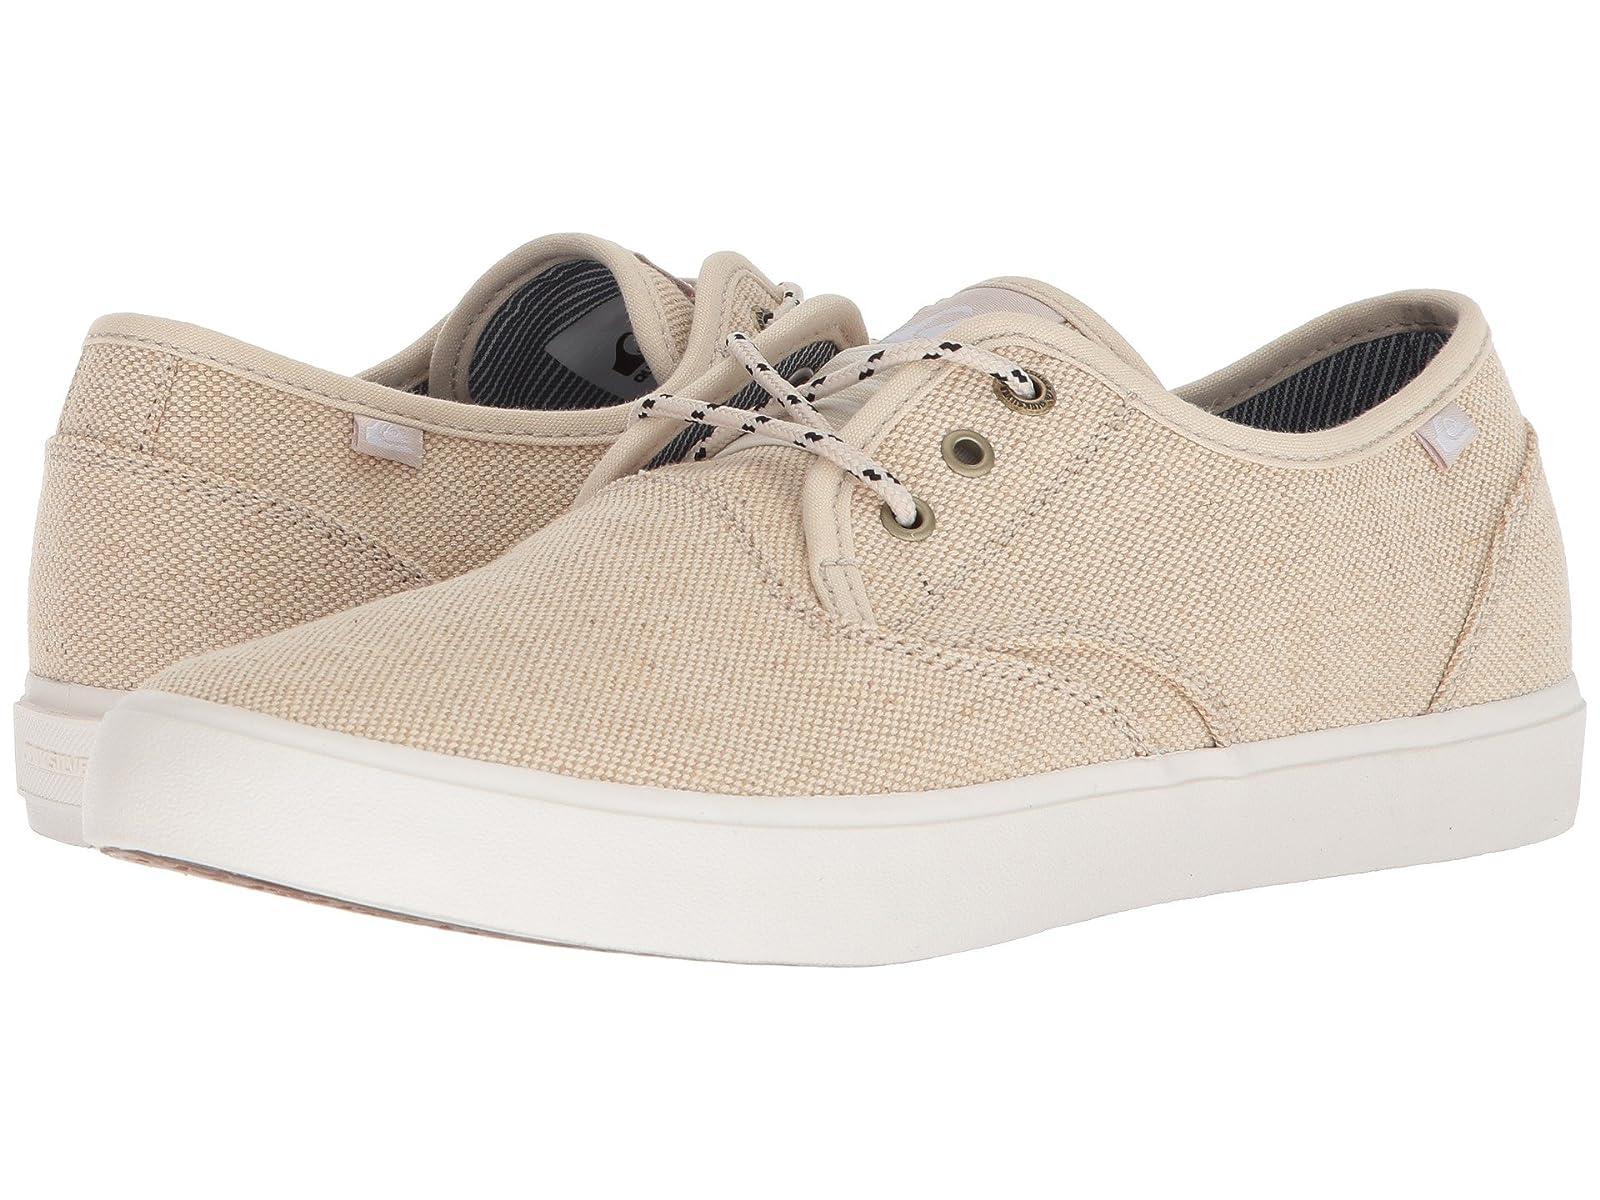 Quiksilver Shorebreak DeluxeAtmospheric grades have affordable shoes